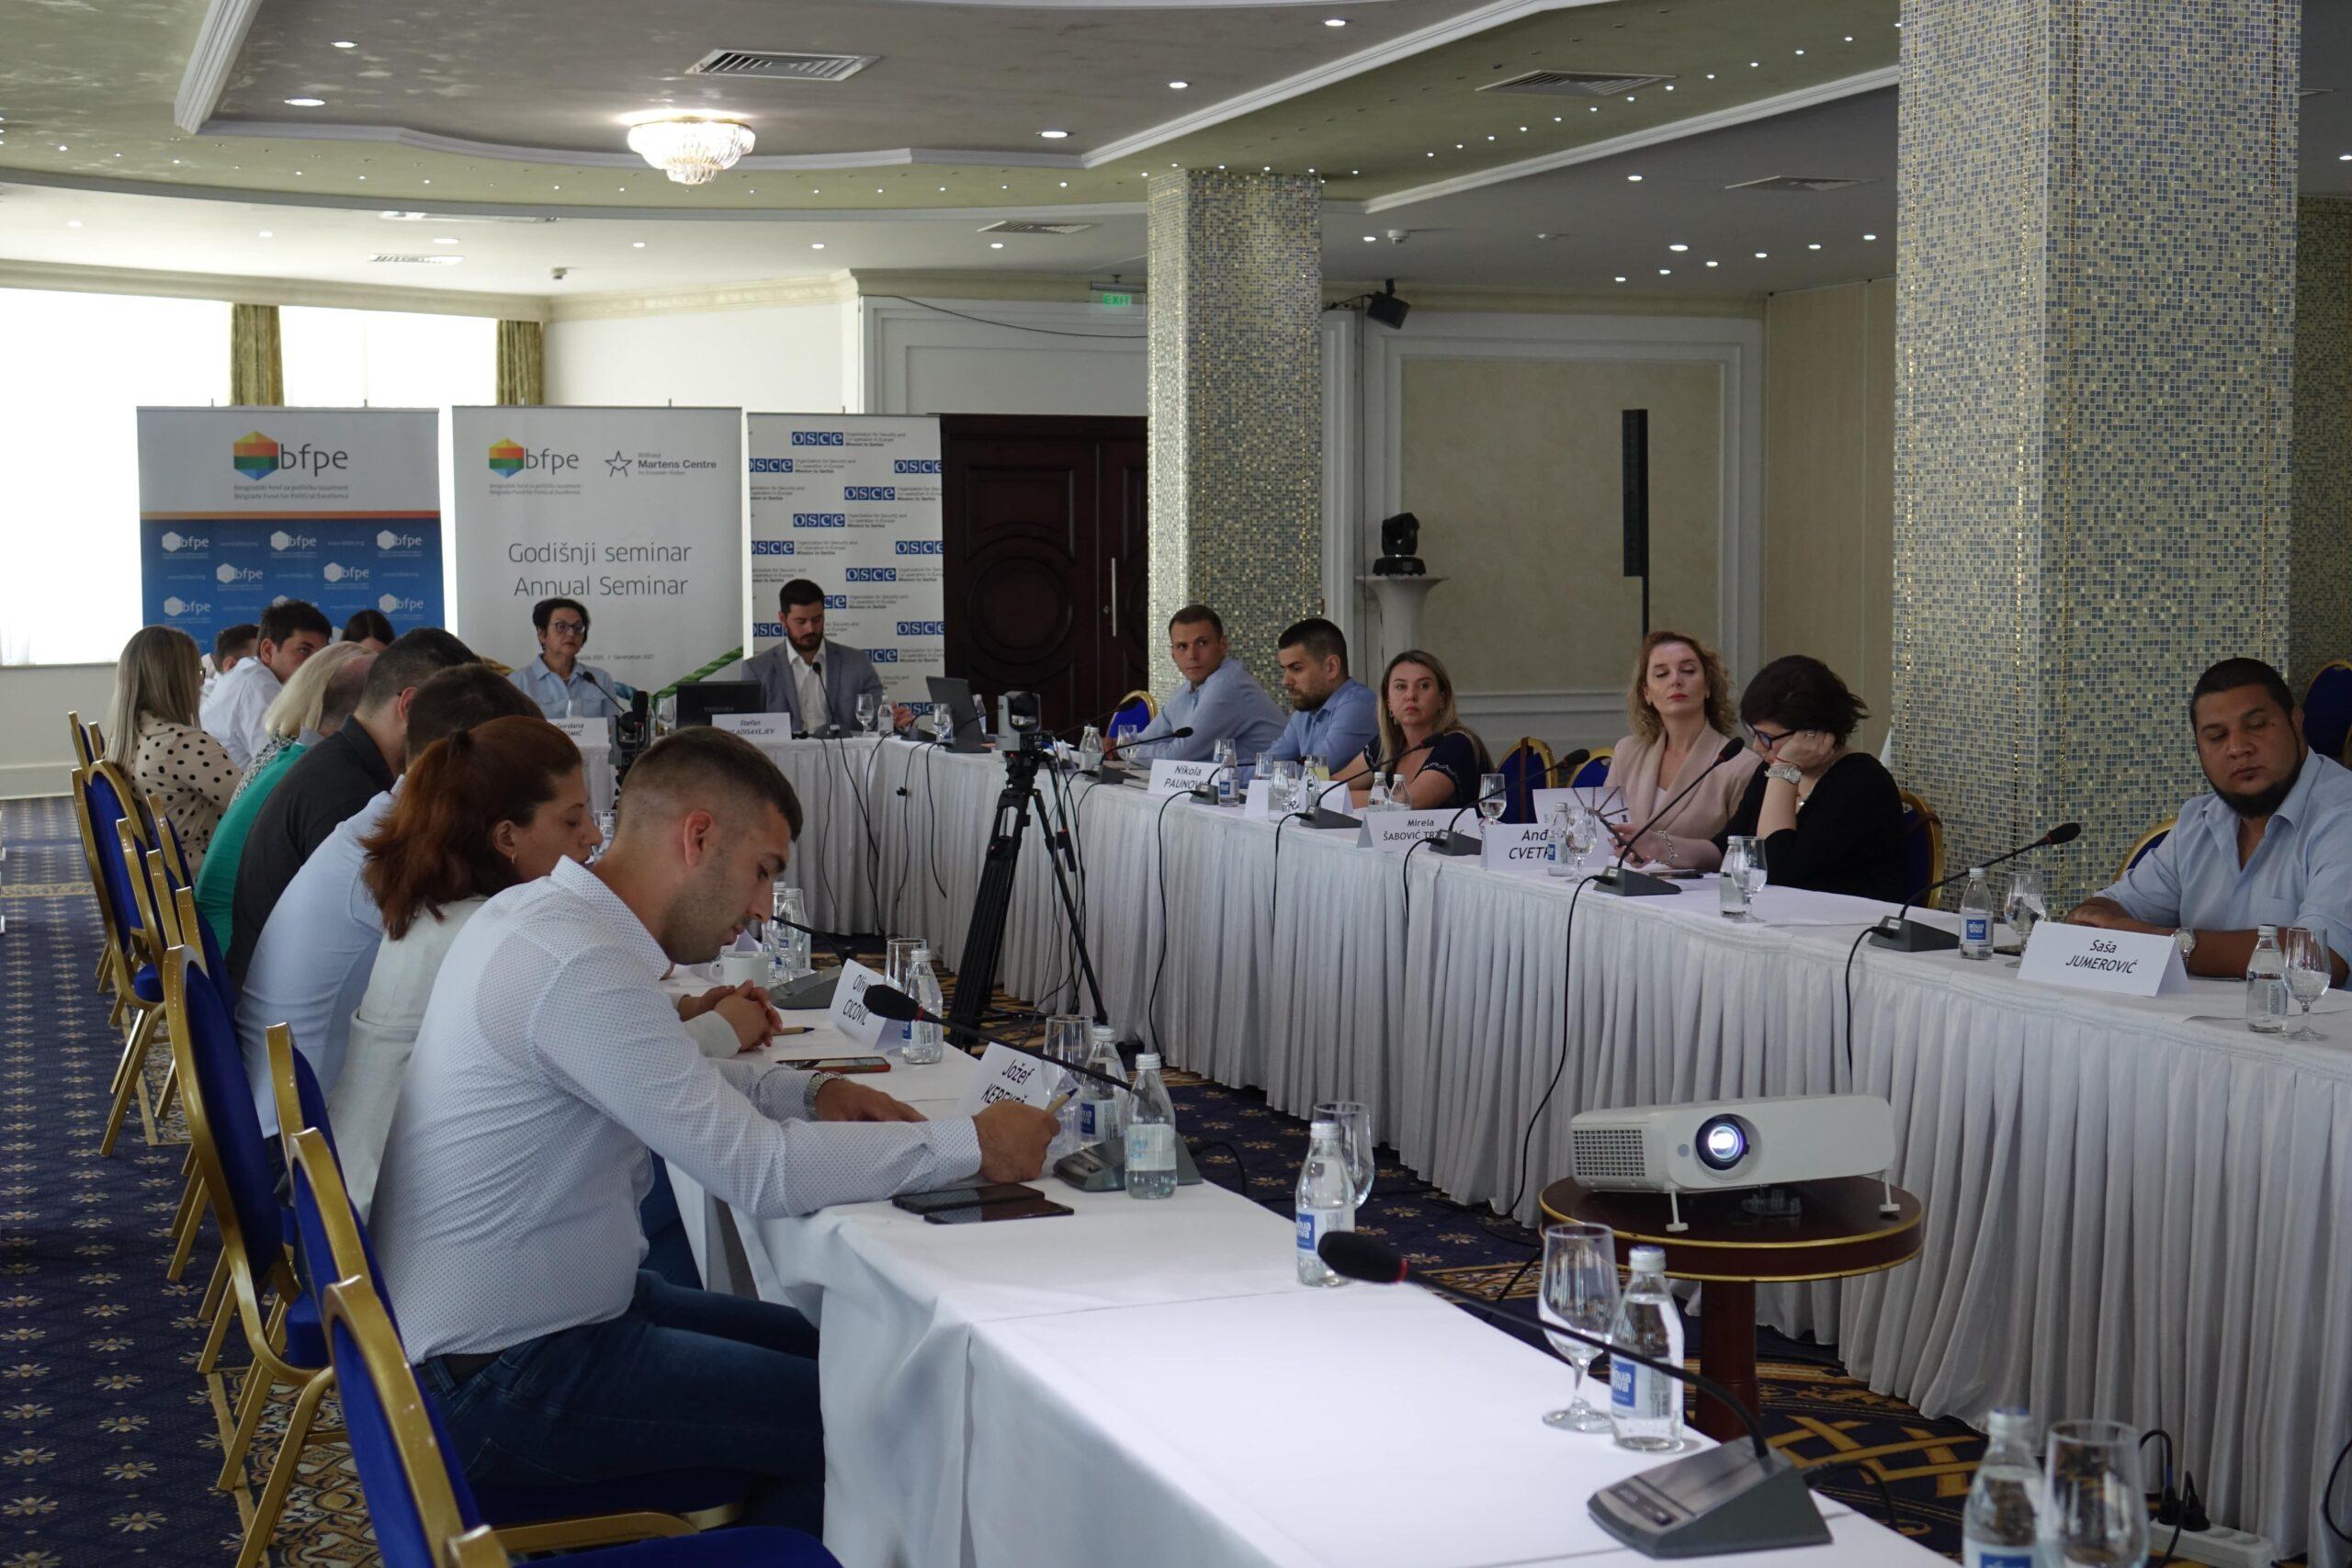 Novo doba političkog upravljanja – drugi događaj Godišnjeg seminara 2021.